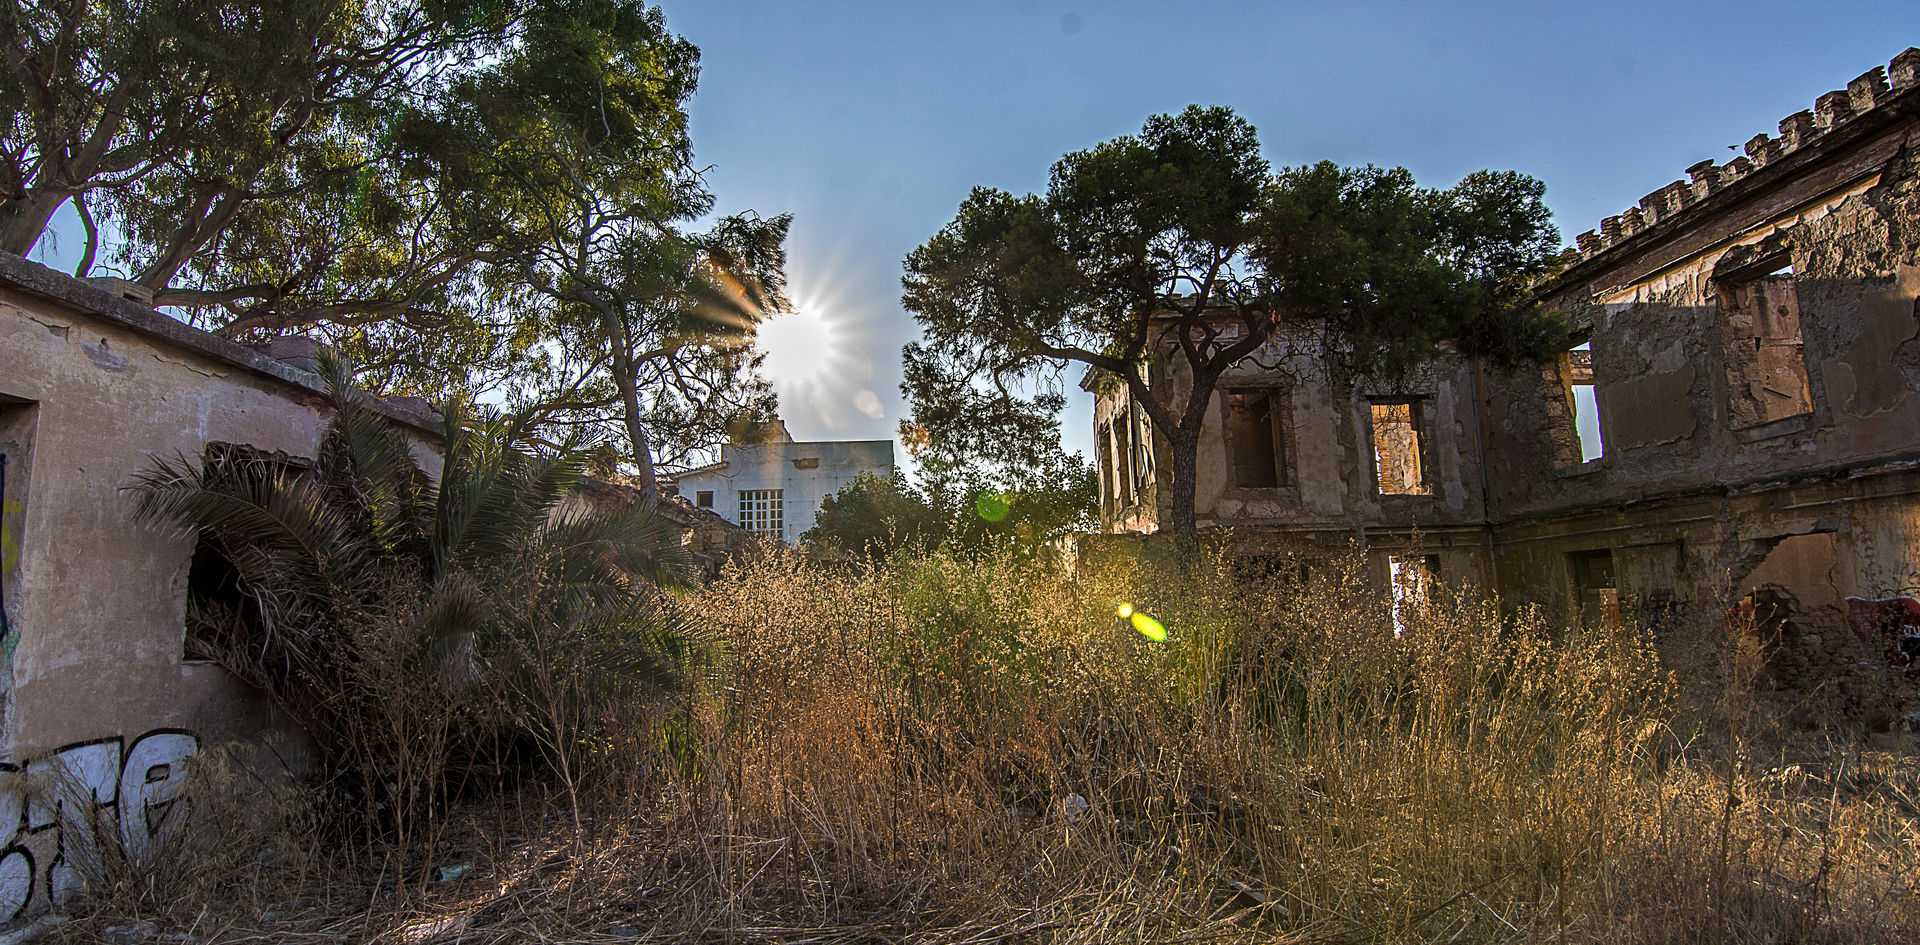 Έπαυλη Μαυρομιχάλη - Το Στοιχειωμένο σπίτι της Καστέλλας